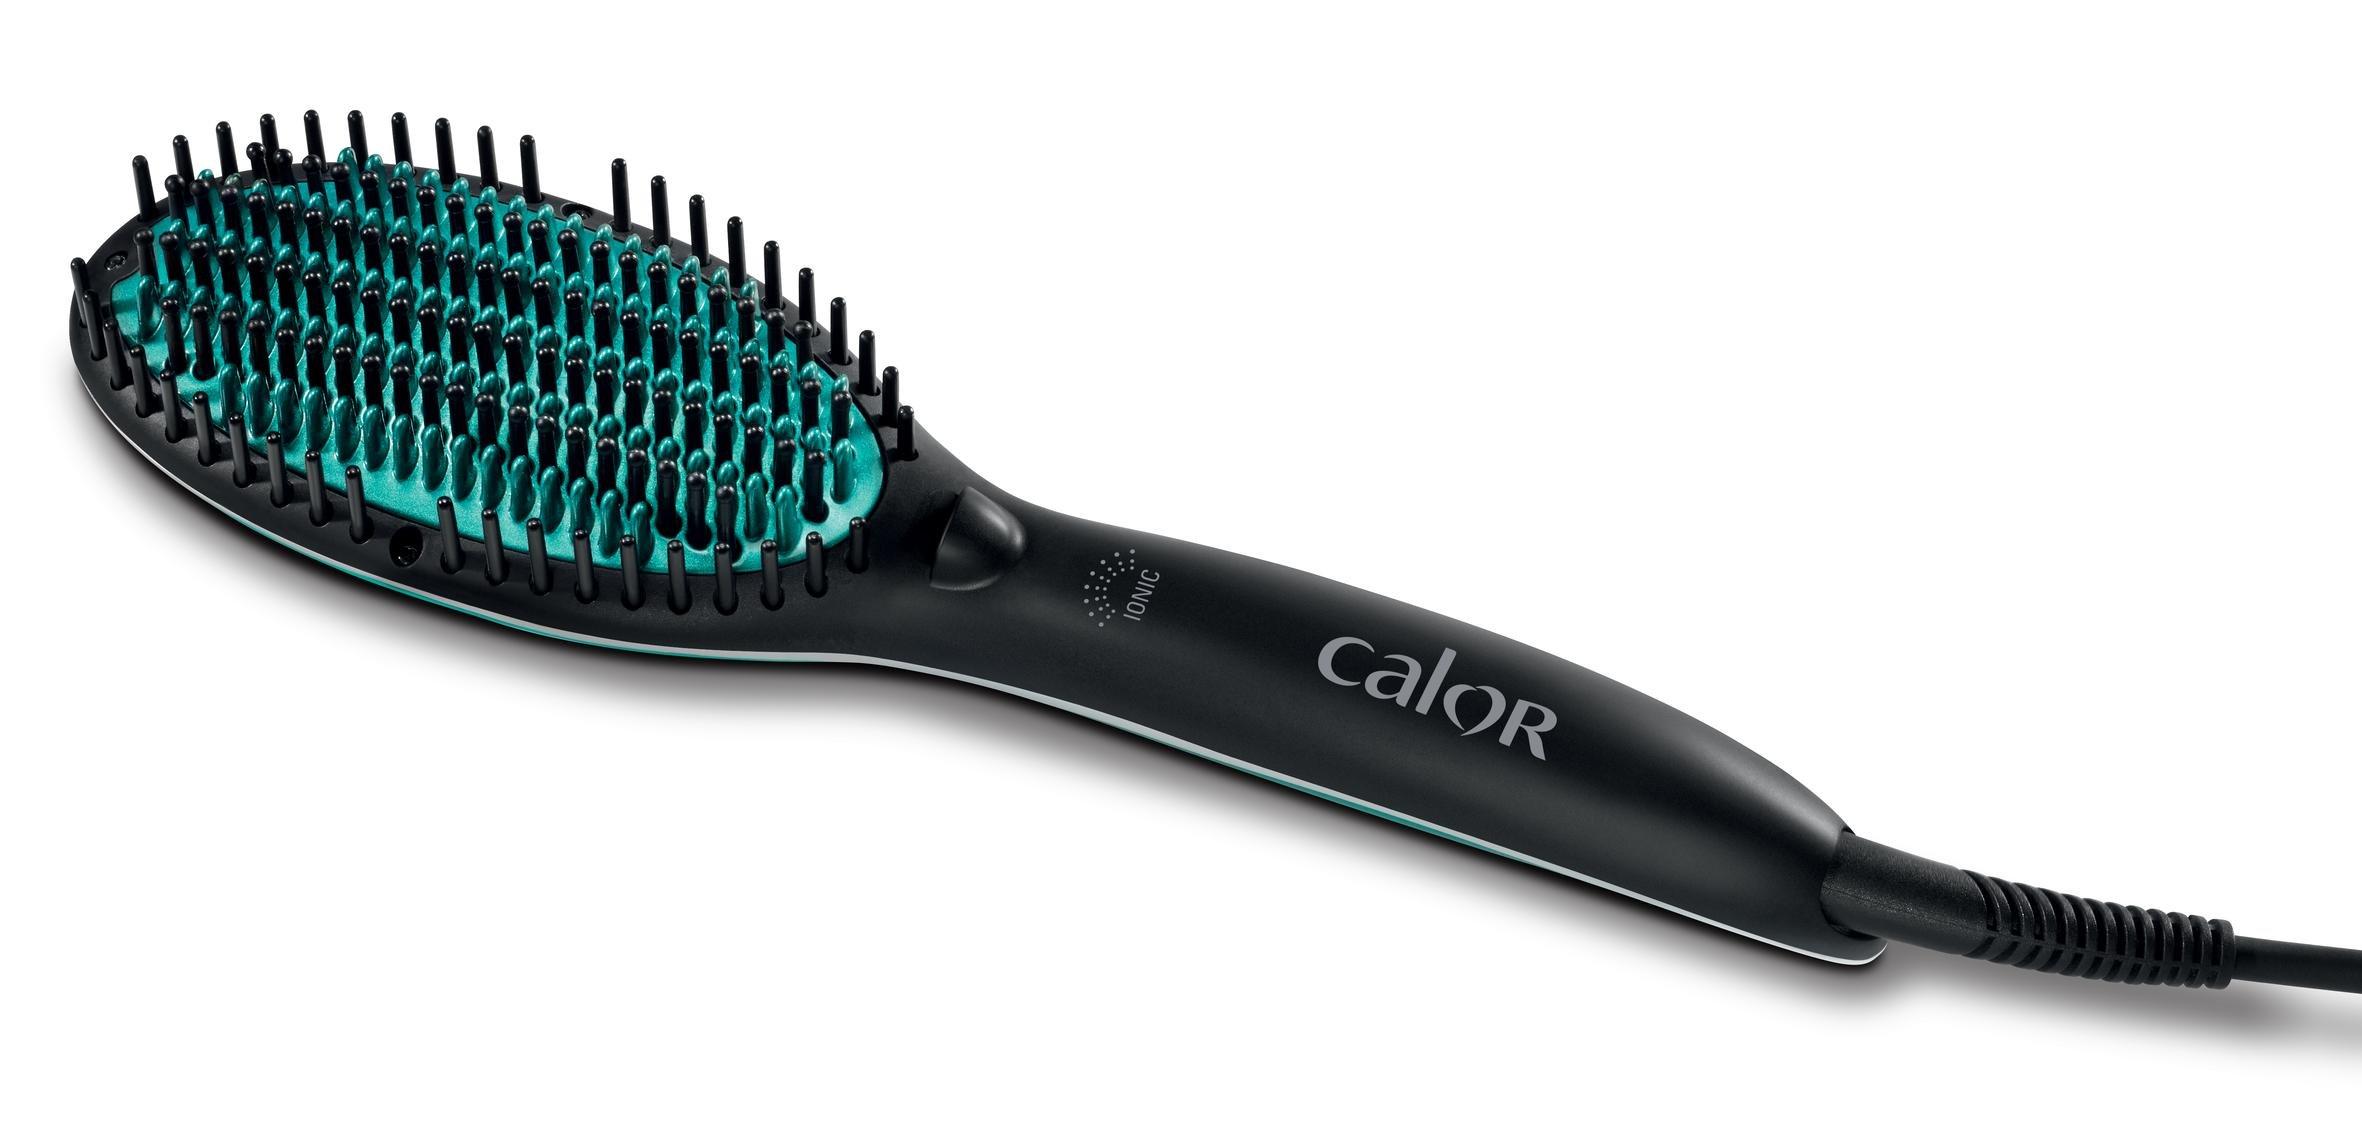 Calor CF5820C0 Brosse Lissante Coiffante Power Straight Spéciale Cheveux Frisés et Crépus Thermo Control product image